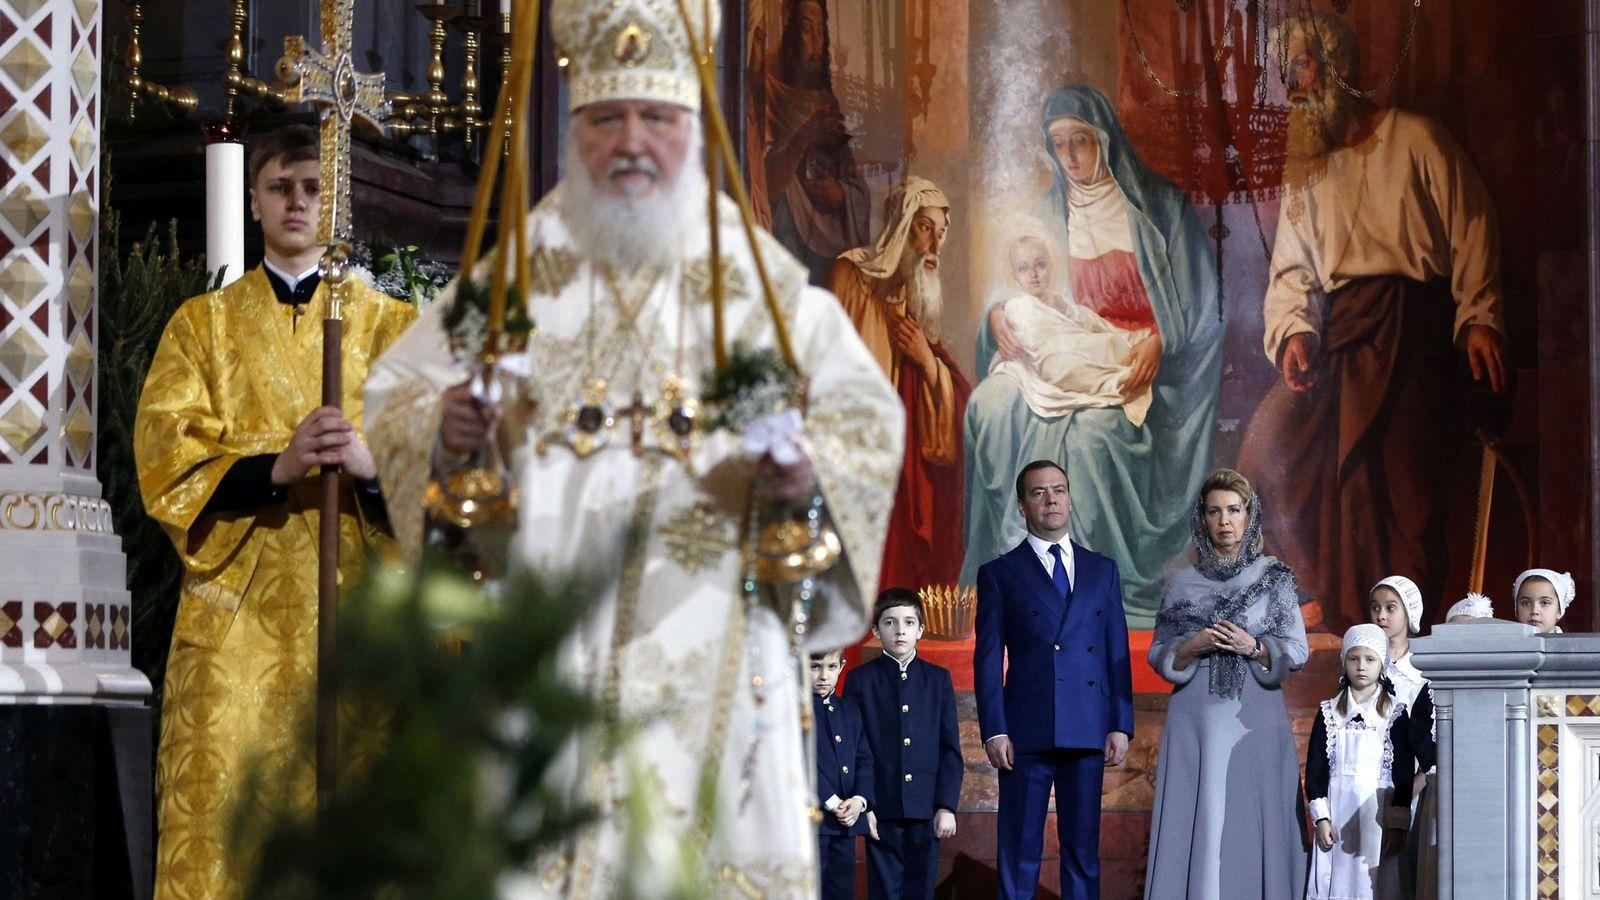 Foto: El patriarca Kirill, con el primer ministro ruso Medvedev y su familia, de fondo